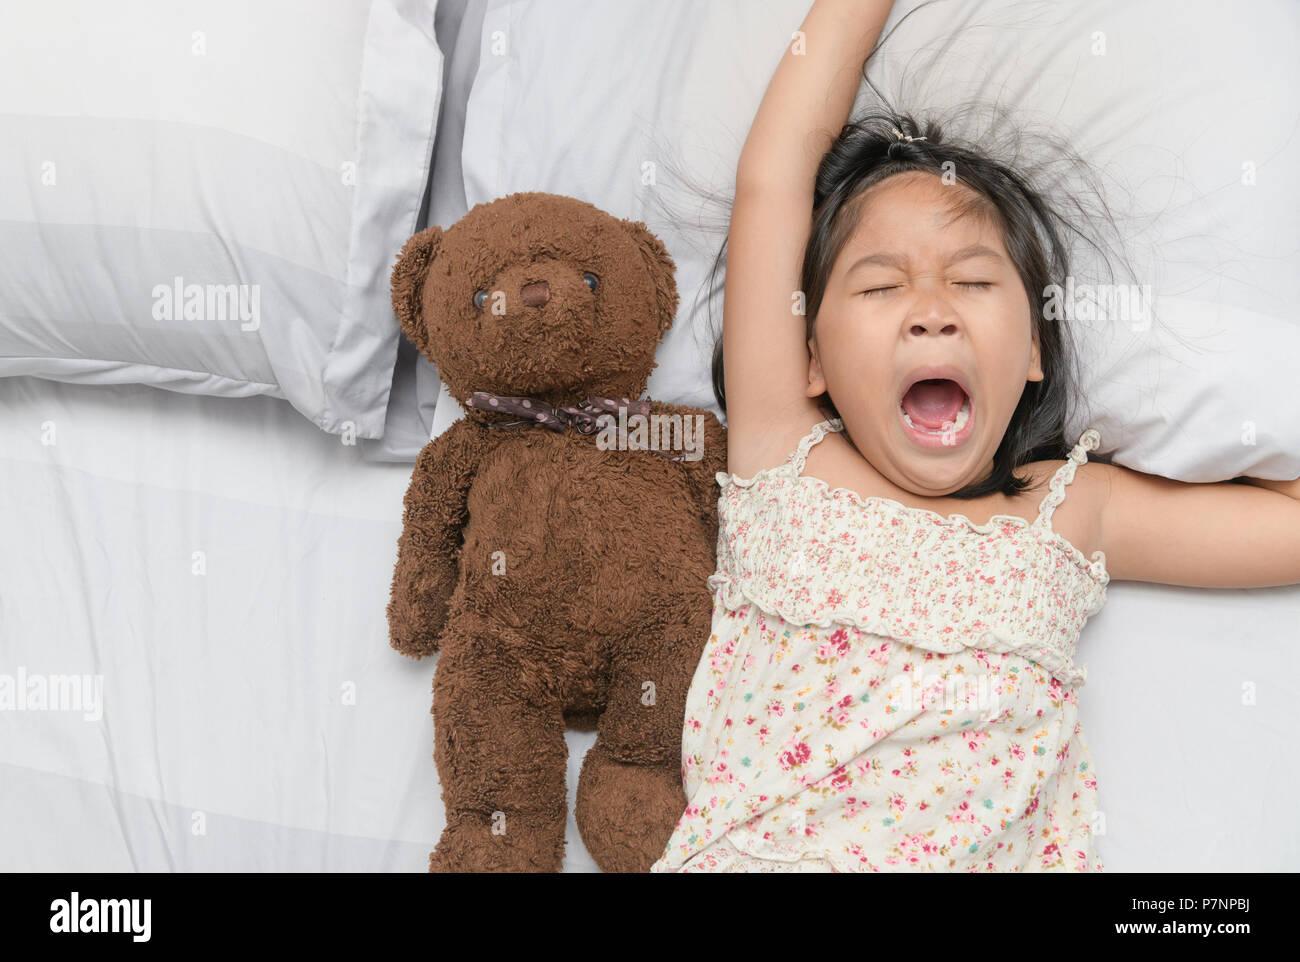 Niña bostezar y dormir en la cama con oso de peluche doll, cuidados de salud y relajación concepto Imagen De Stock